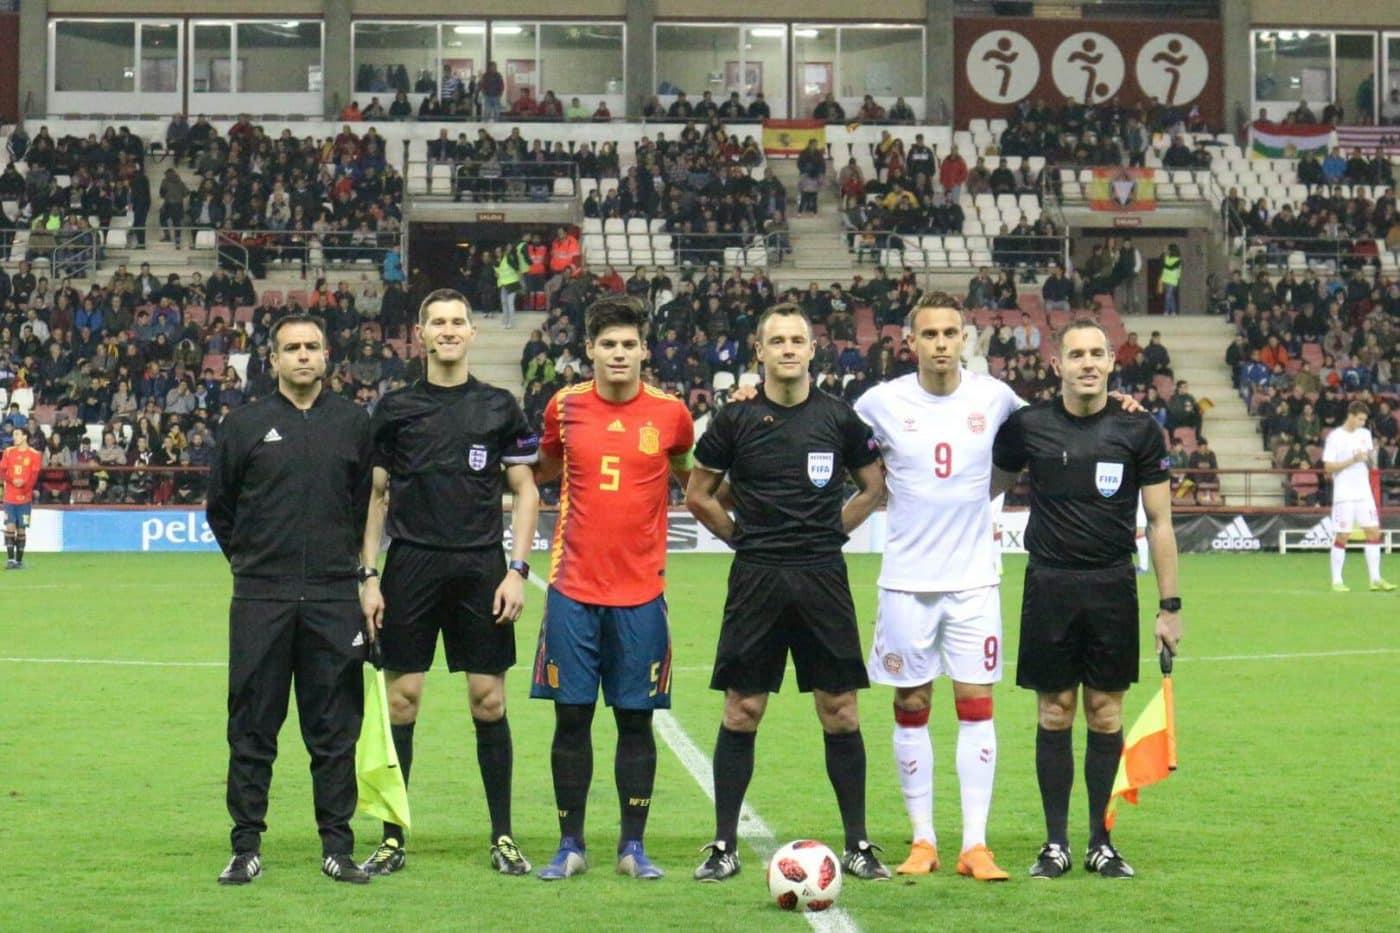 La Sub-21 de Luis de la Fuente remonta y golea en Las Gaunas 14